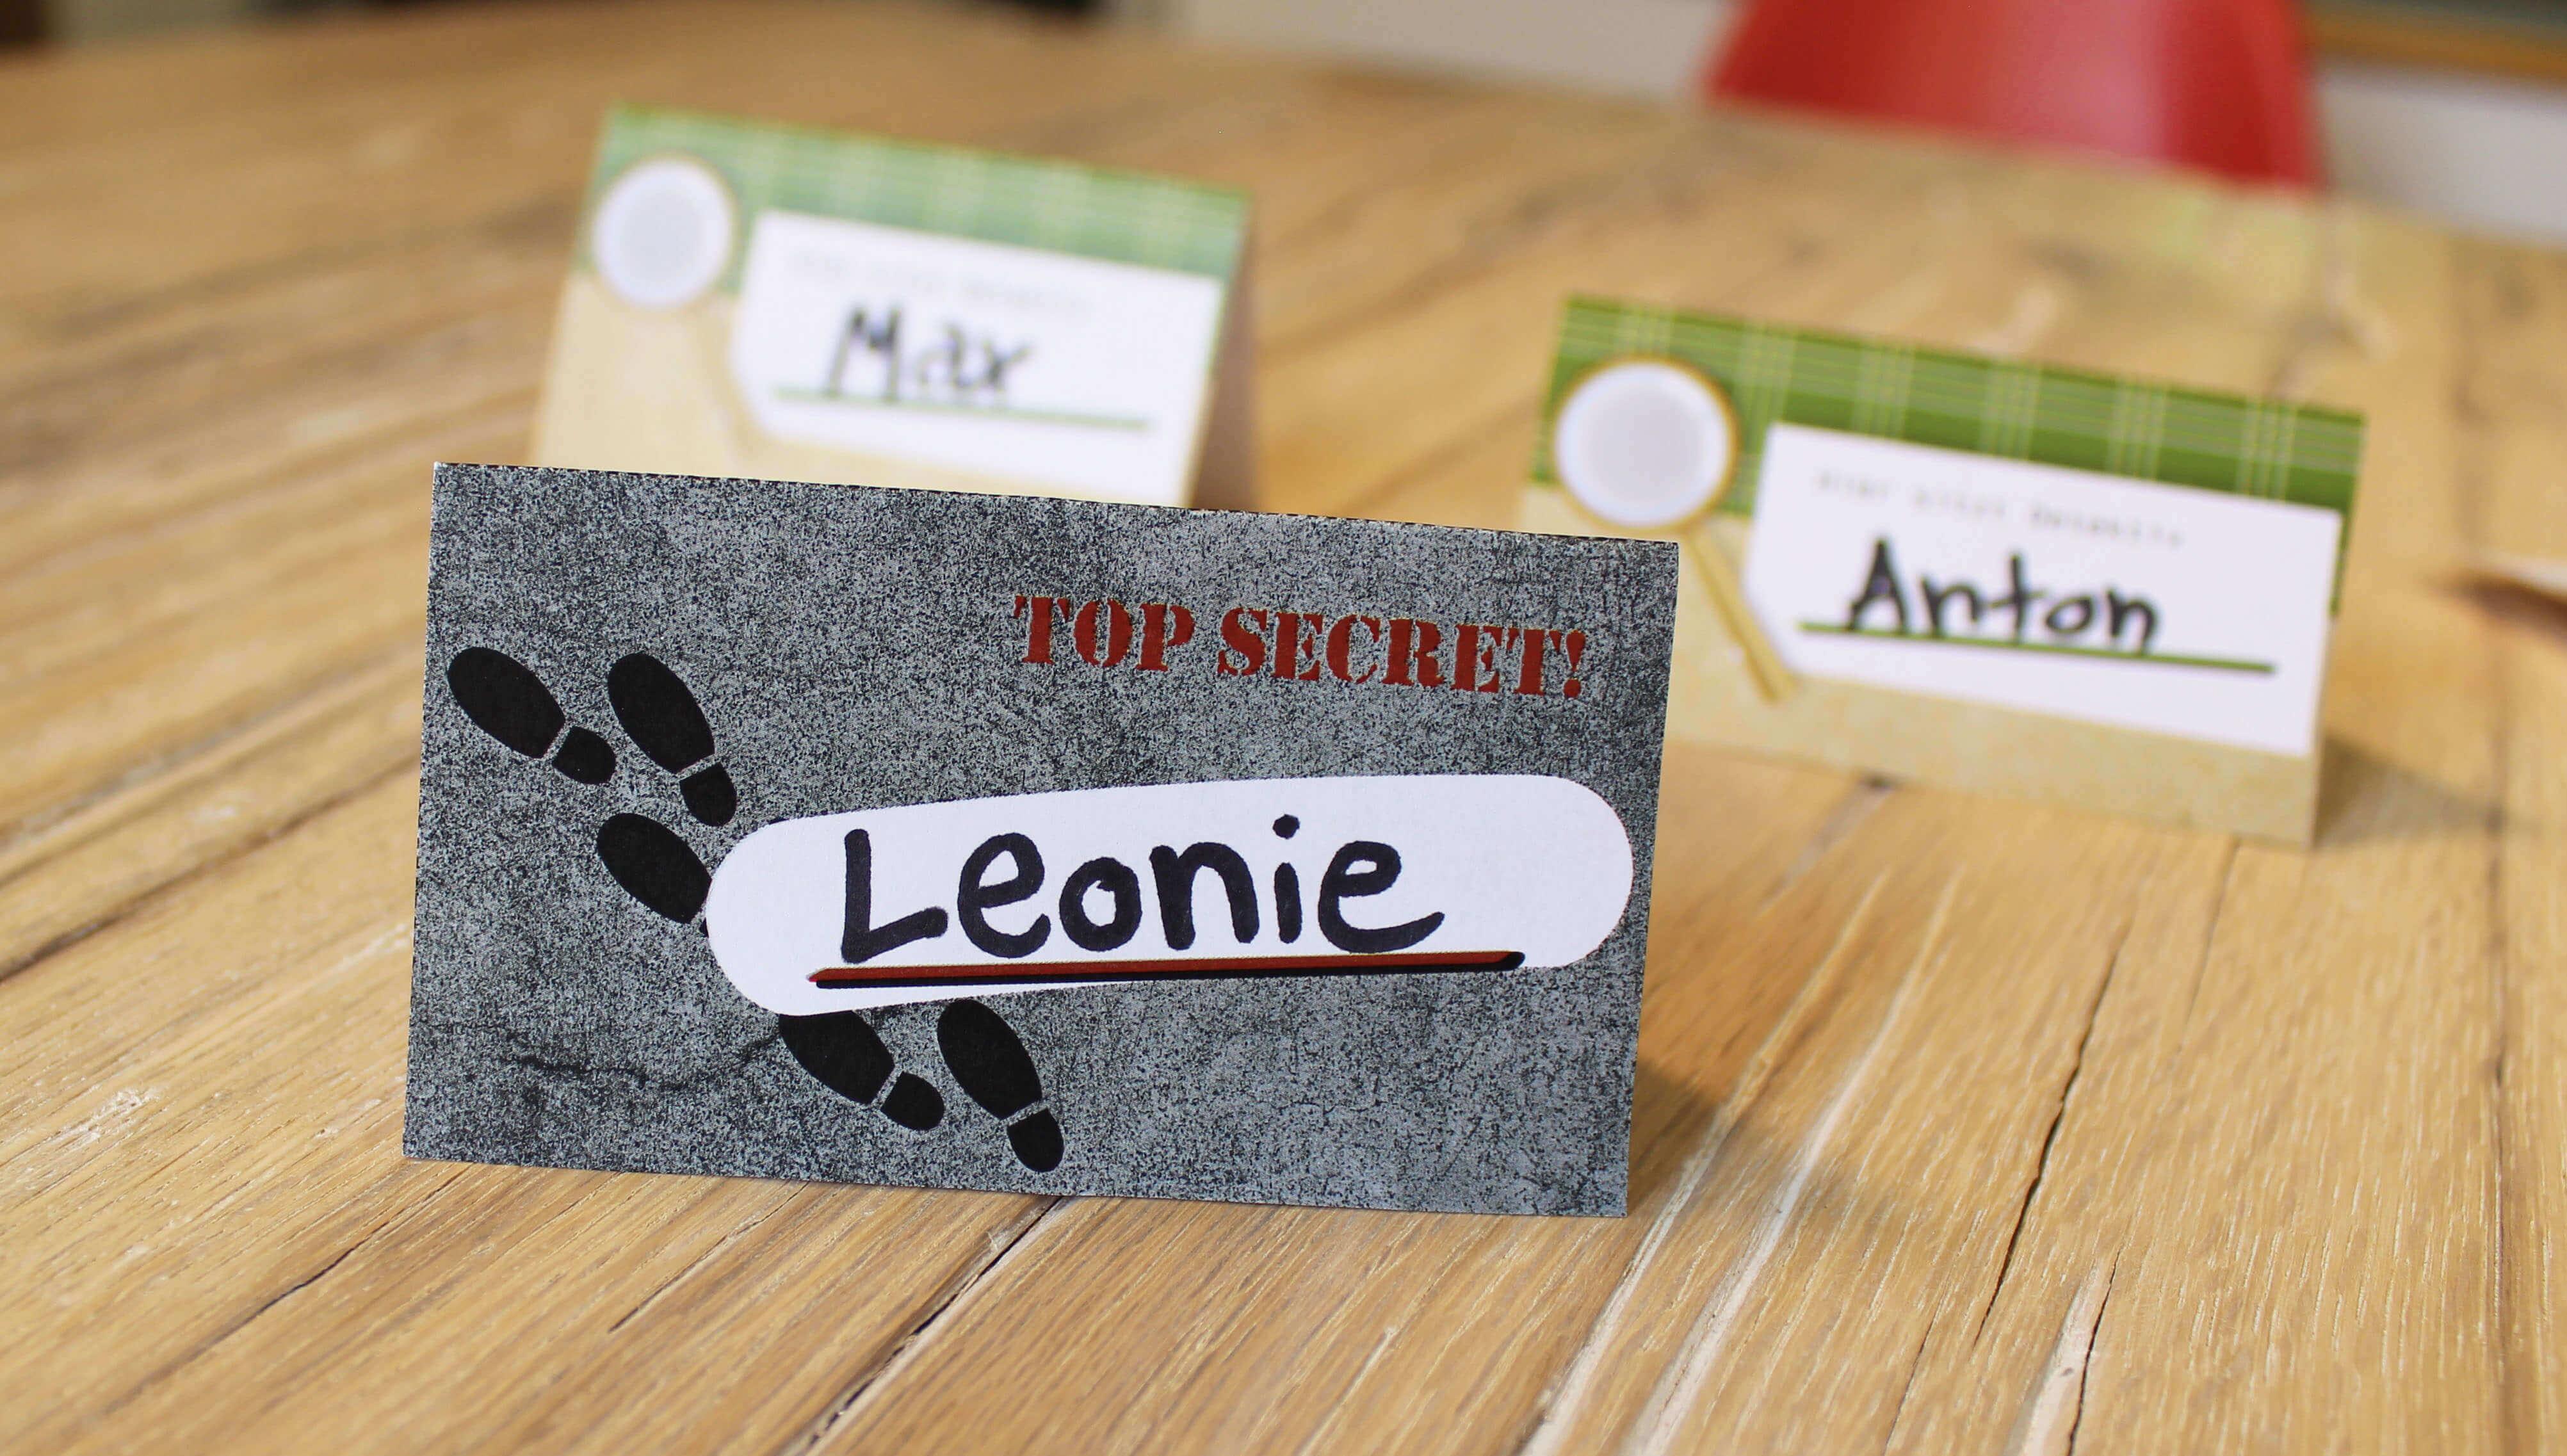 Detektiv-Kindergeburtstag-Namensschild-ausgeschnitten